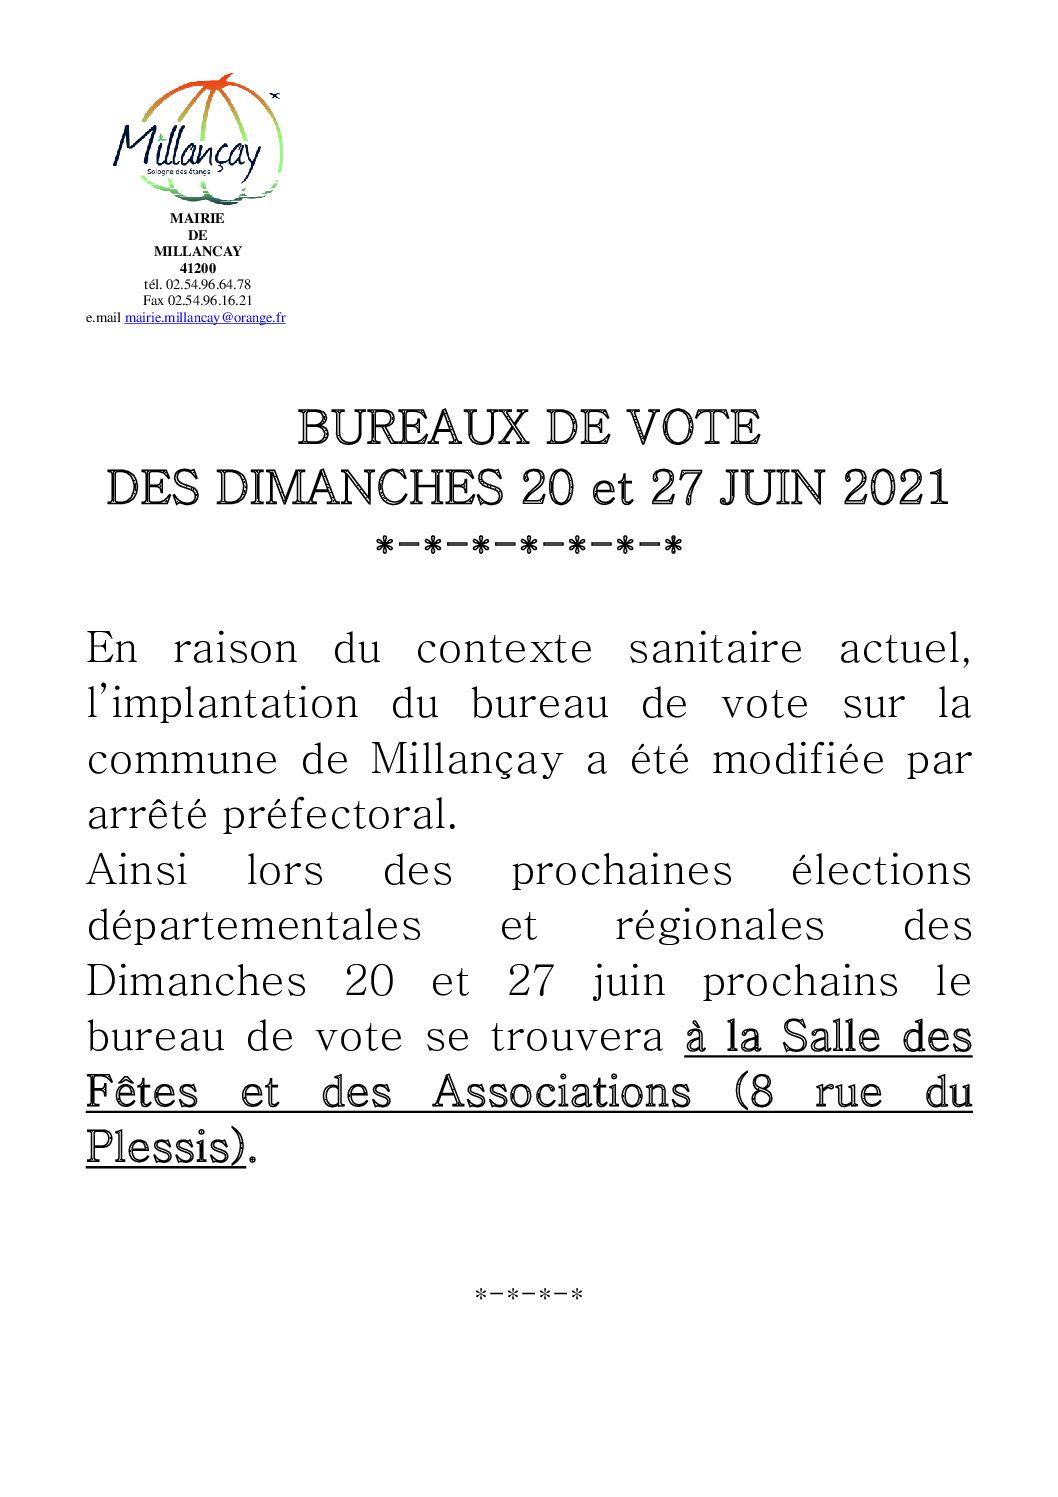 Elections des 20 et 27 juin 2021